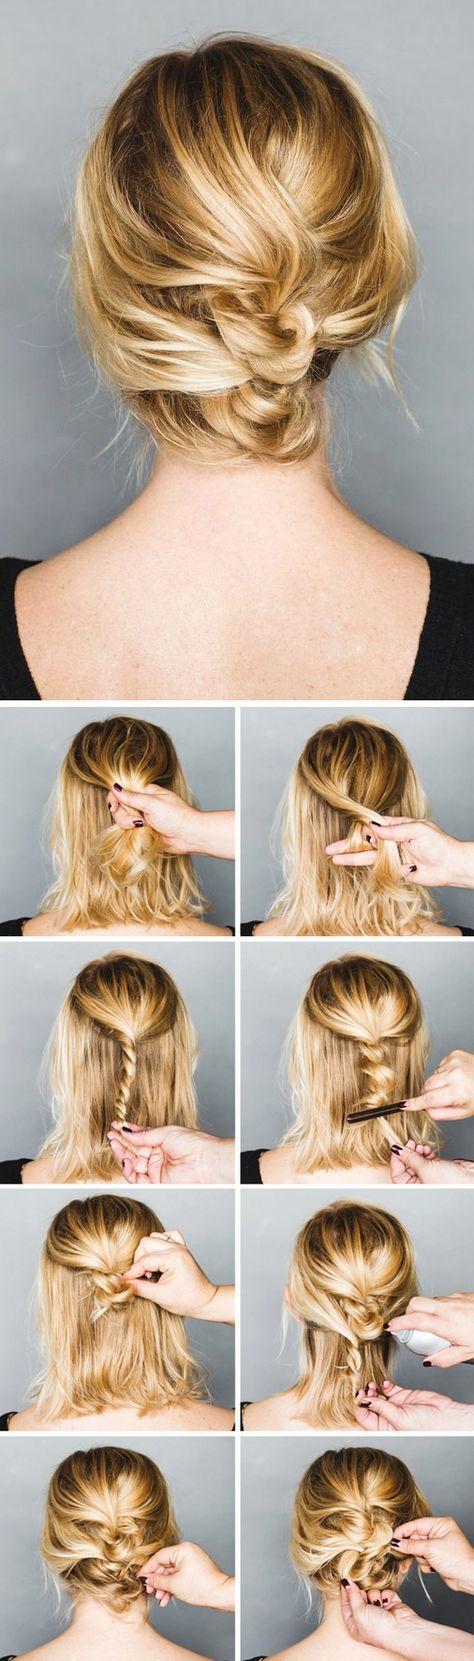 髪をねじるだけucツイストアレンジudで編み込まなくても最高に可愛くなる